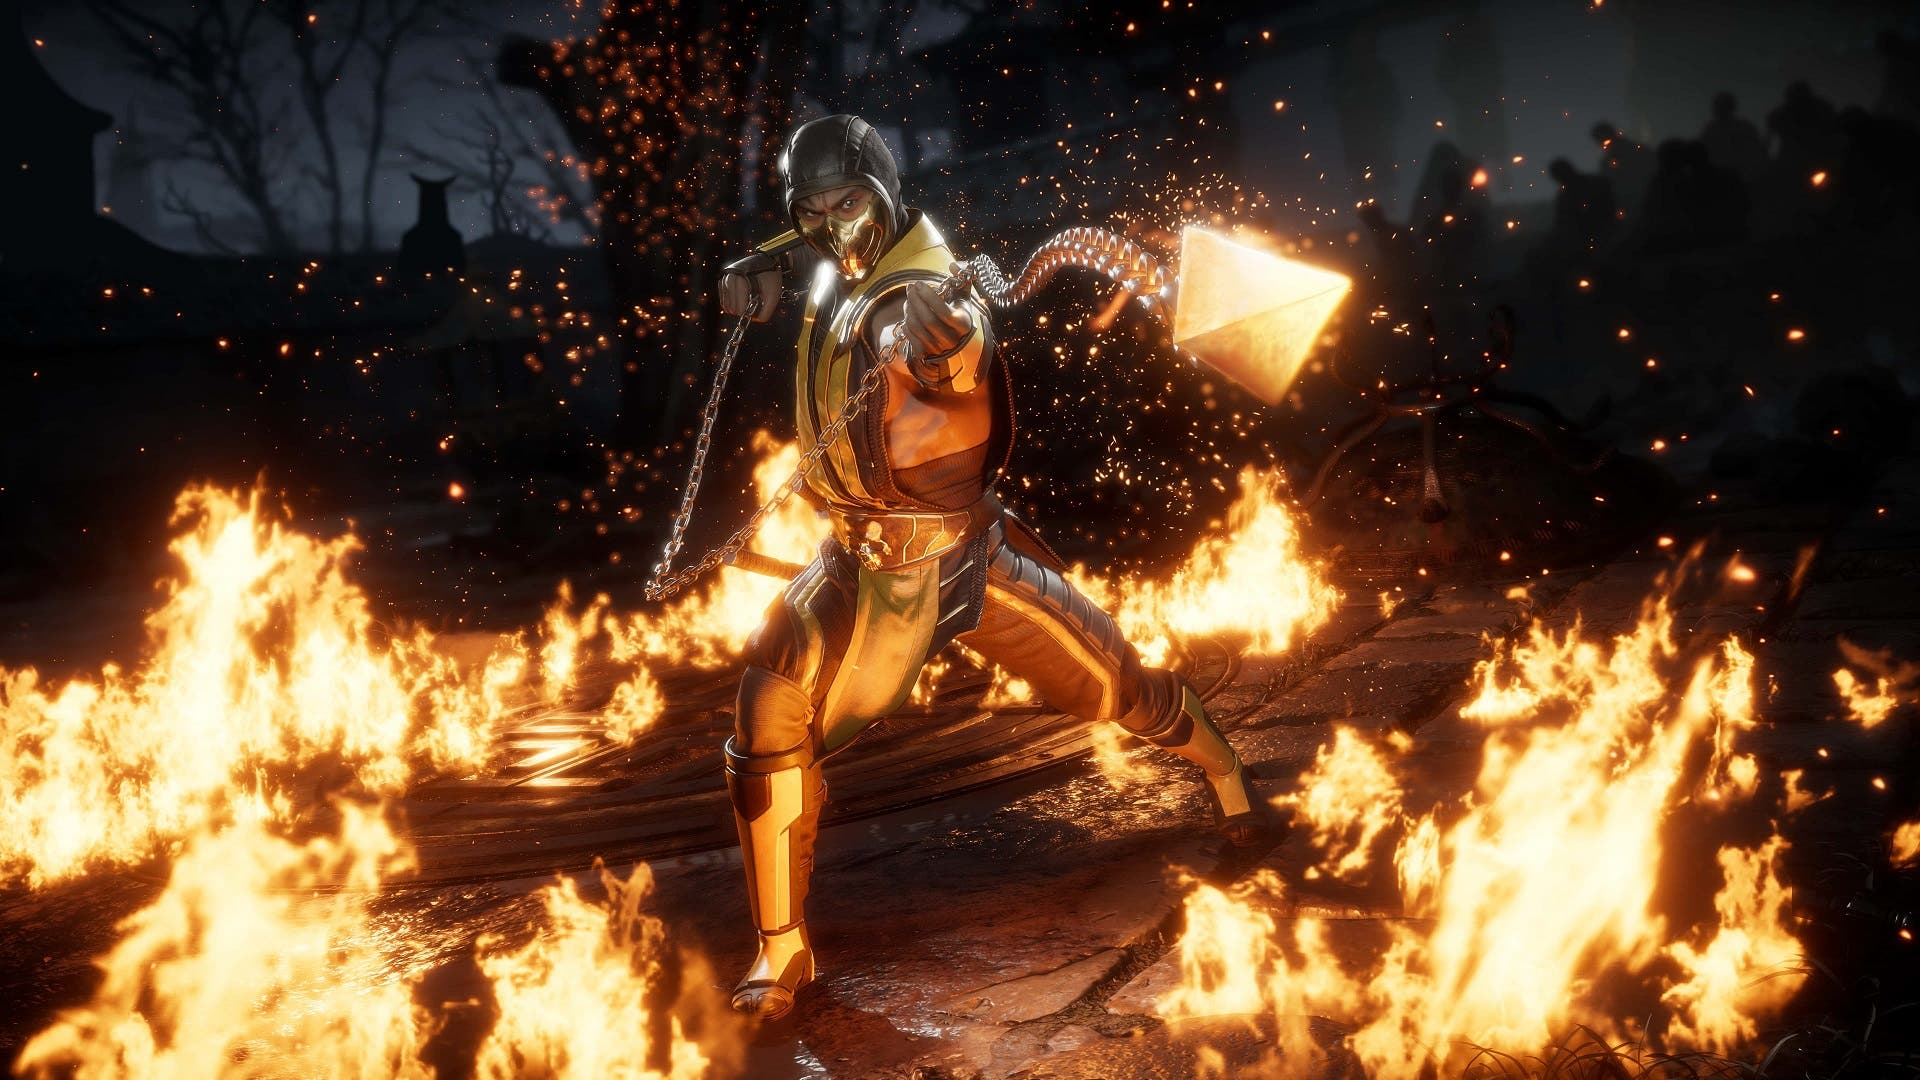 Imagen de Impresiones Mortal Kombat 11: Sanguinaria y brutal variedad